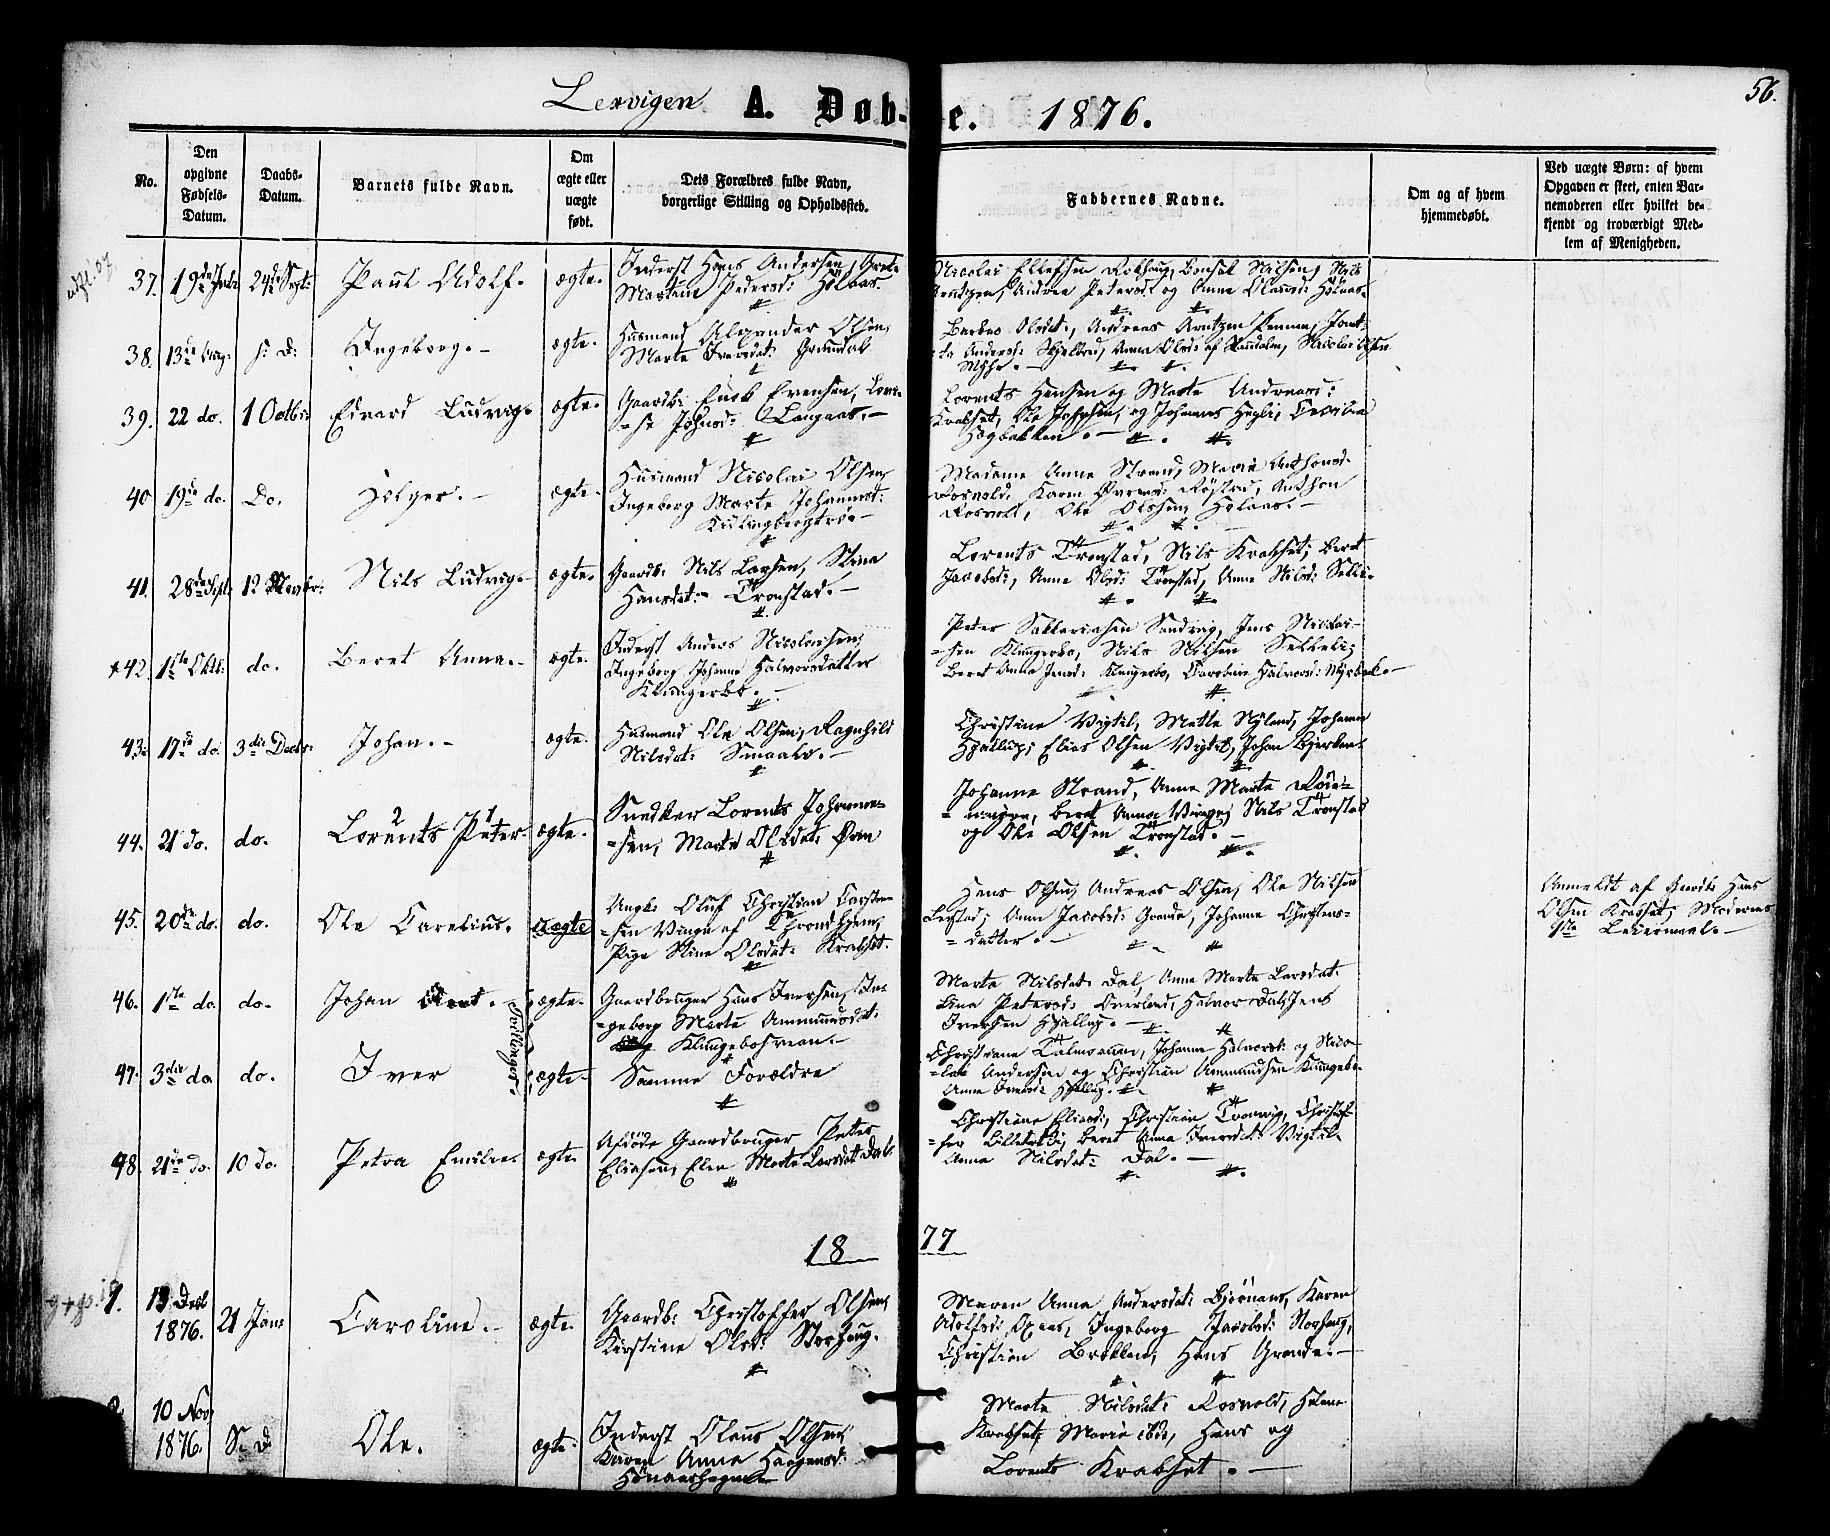 SAT, Ministerialprotokoller, klokkerbøker og fødselsregistre - Nord-Trøndelag, 701/L0009: Ministerialbok nr. 701A09 /1, 1864-1882, s. 56